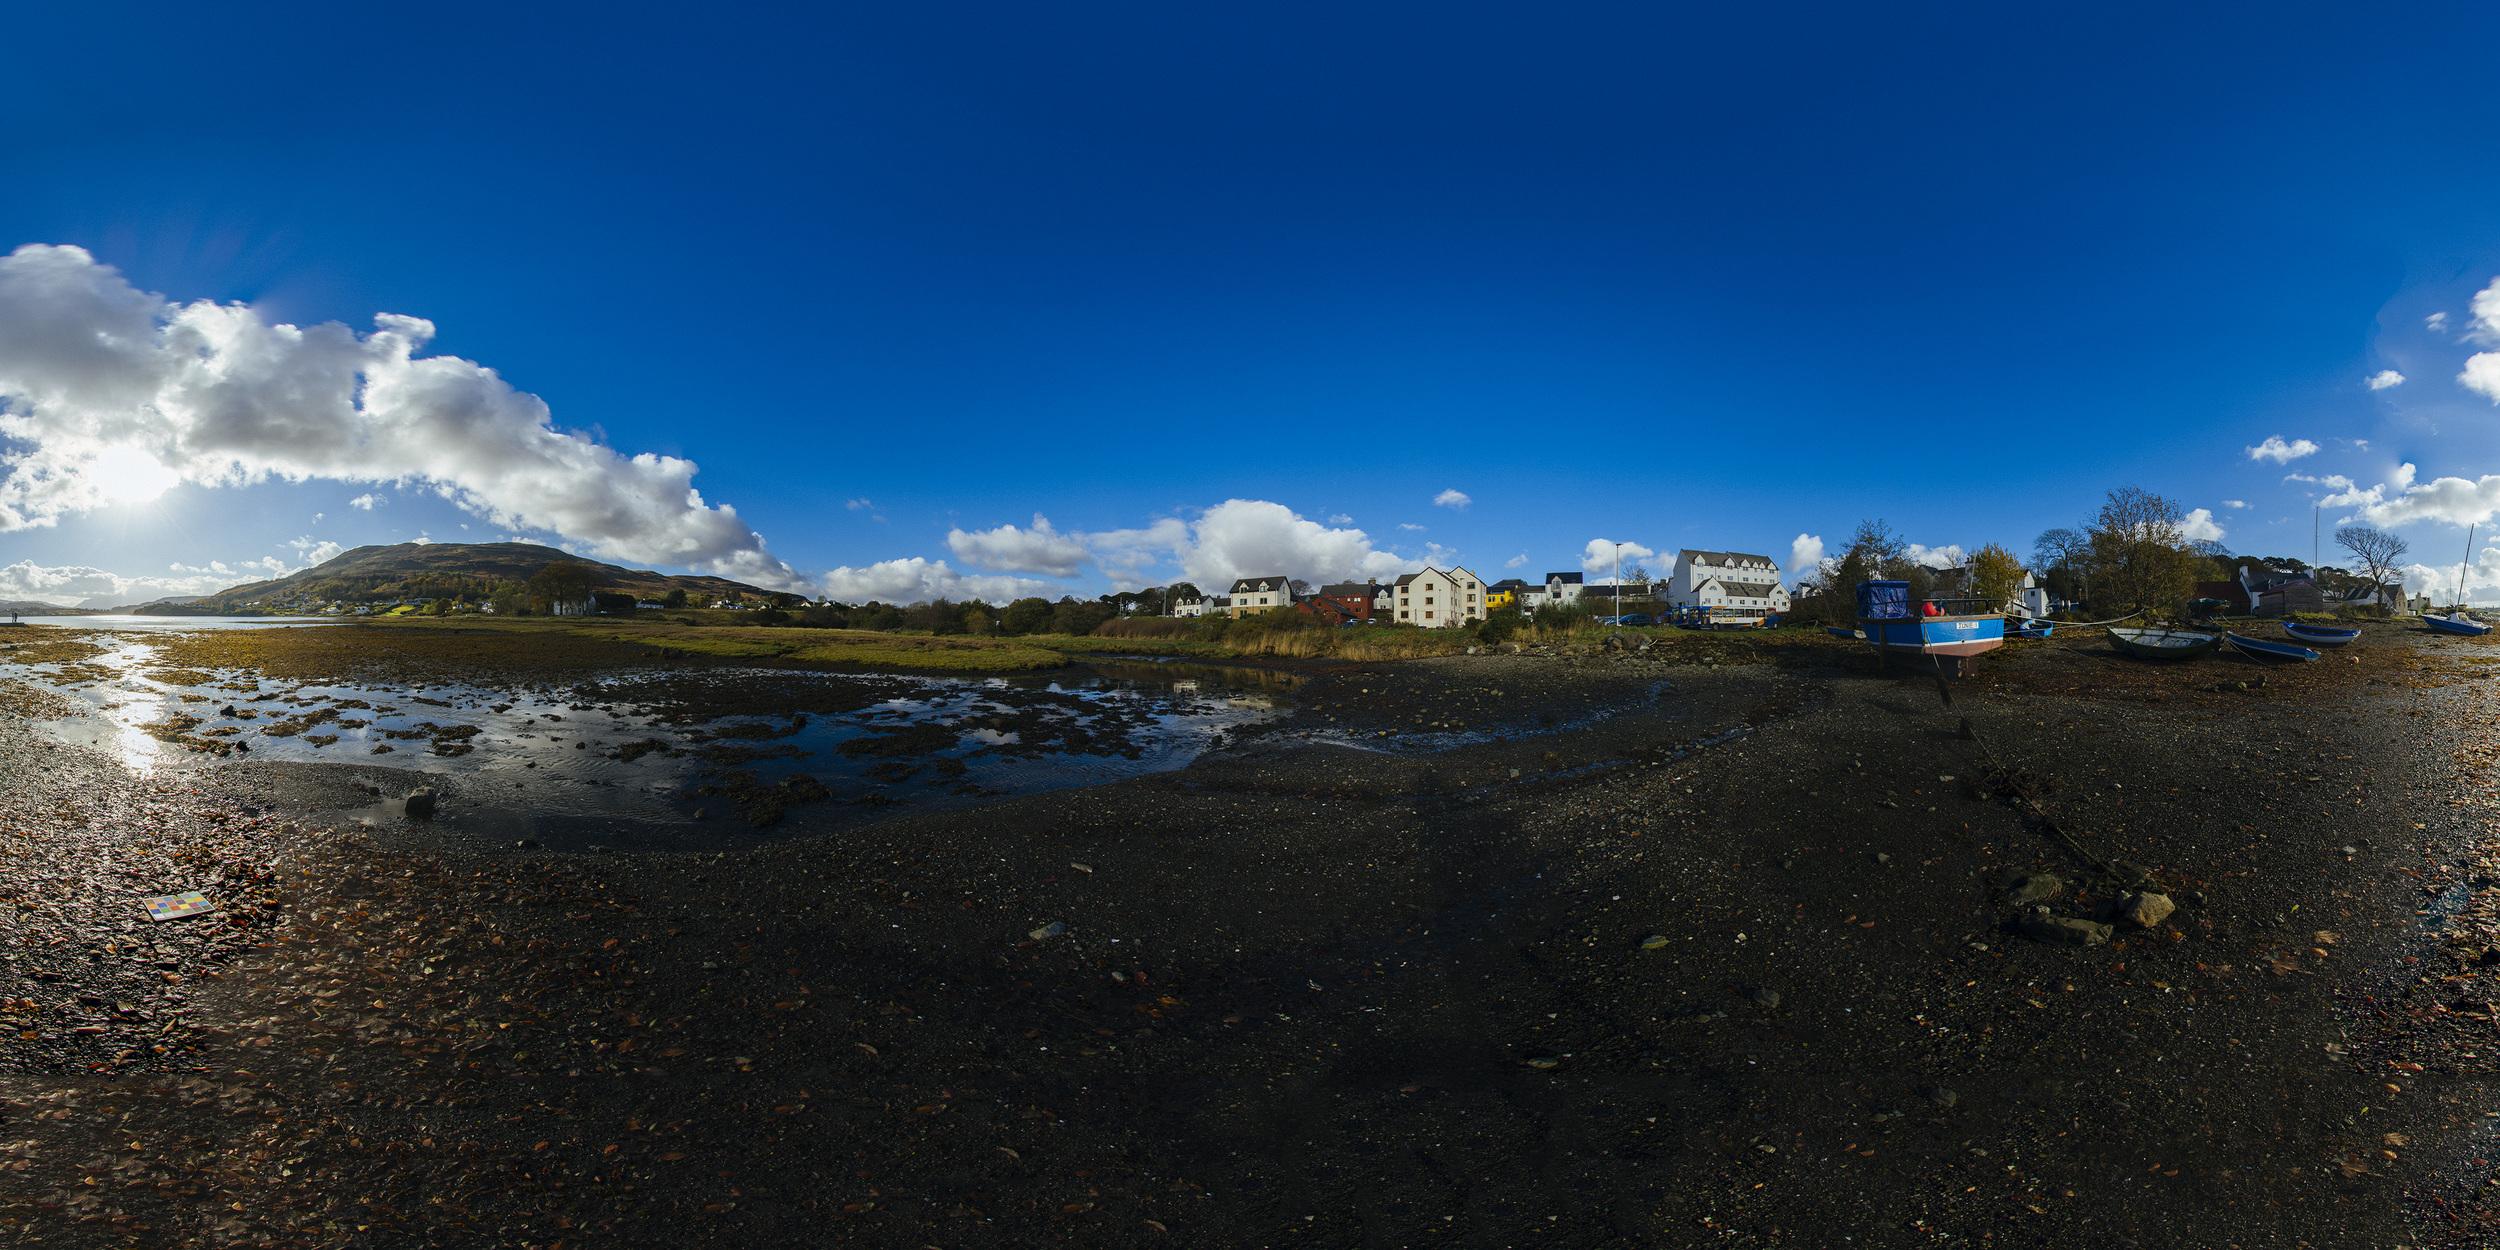 Final HDRI equirectangular panorama.